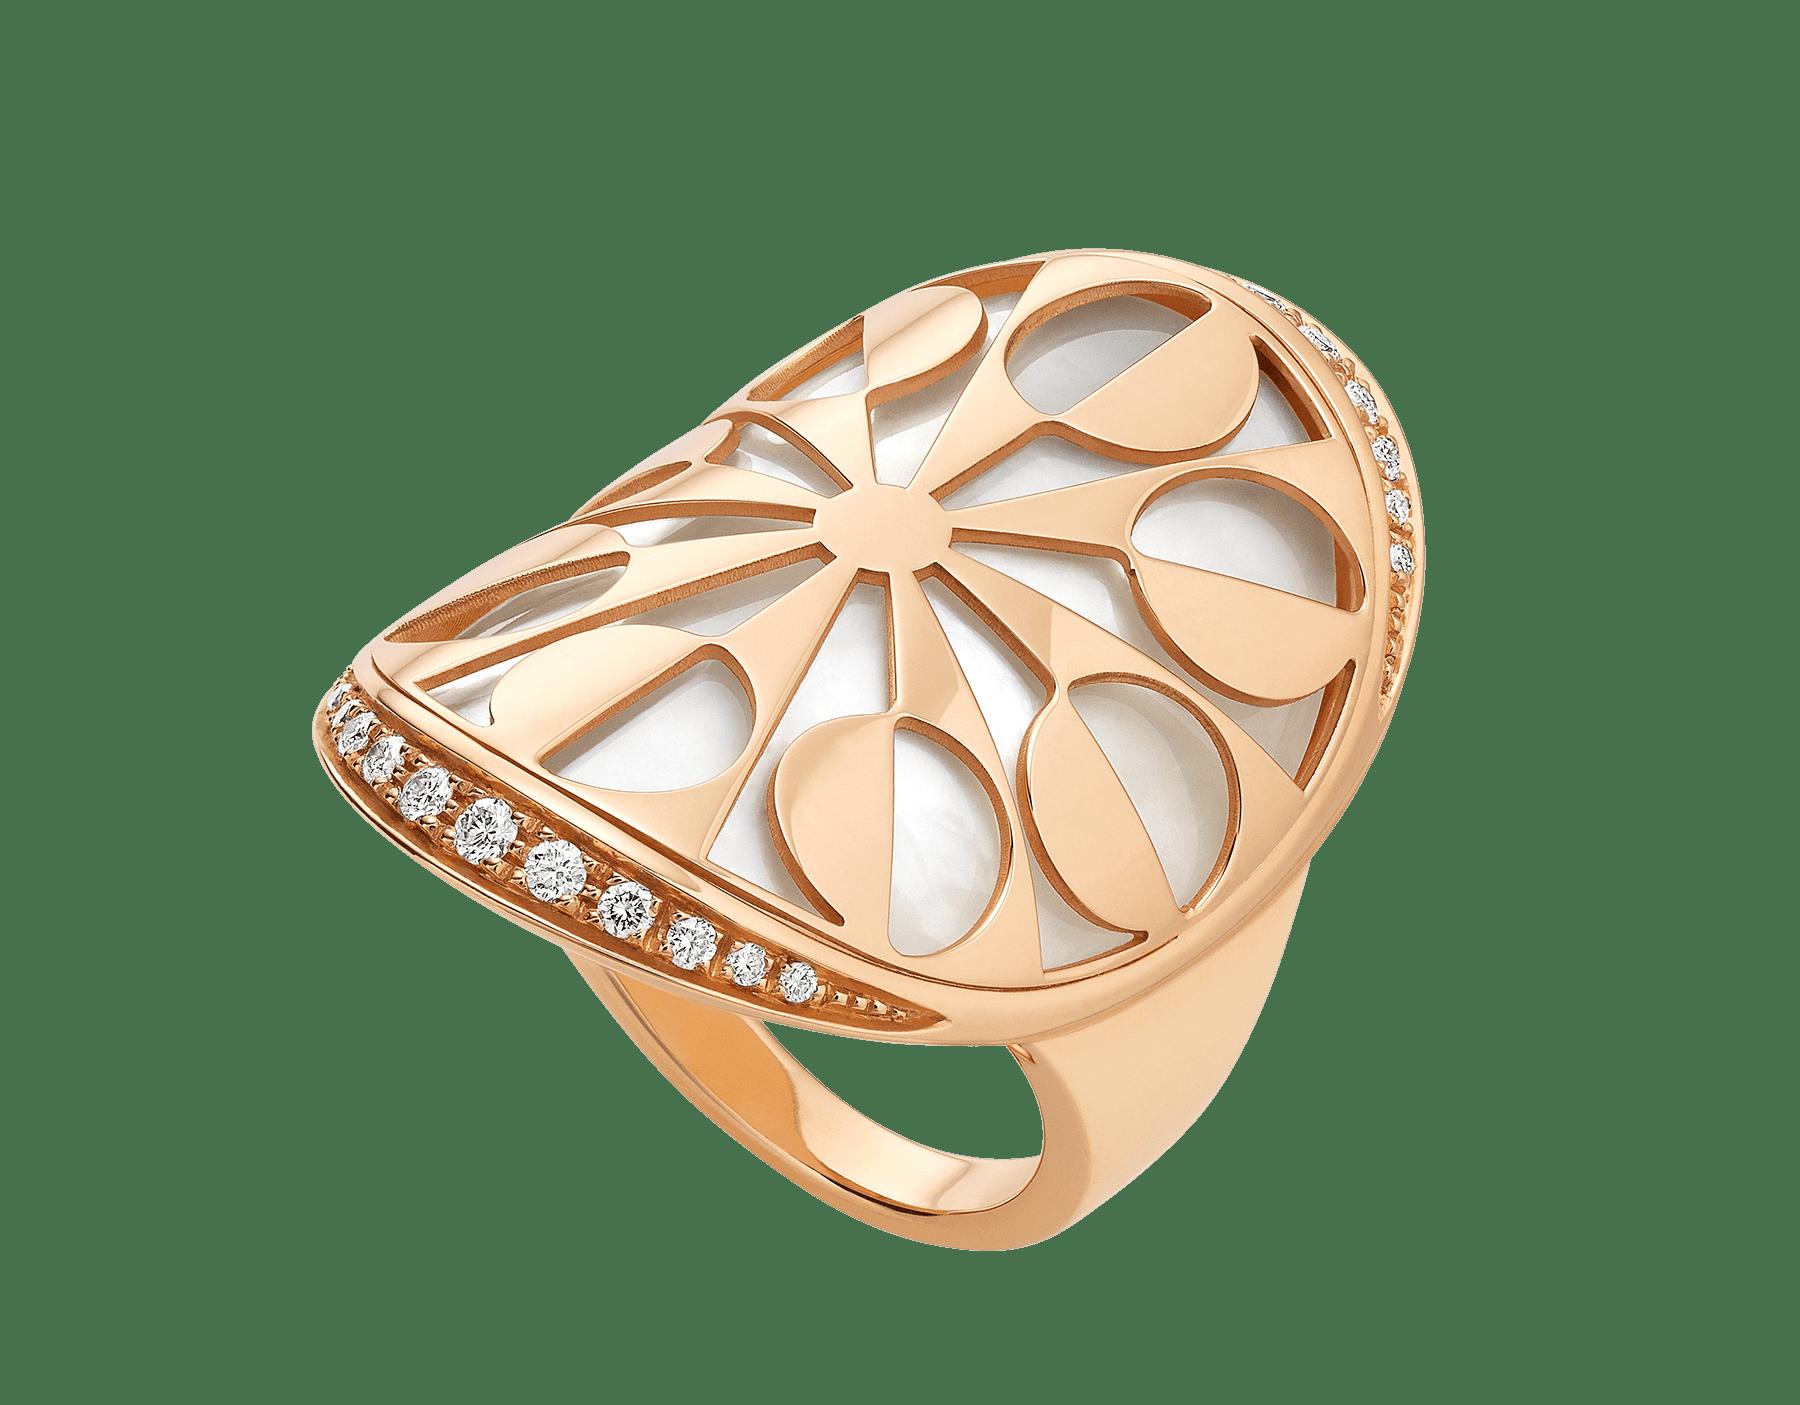 Anillo Intarsio en oro rosa de 18 qt con elementos de madreperla y pavé de diamantes. AN855768 image 1